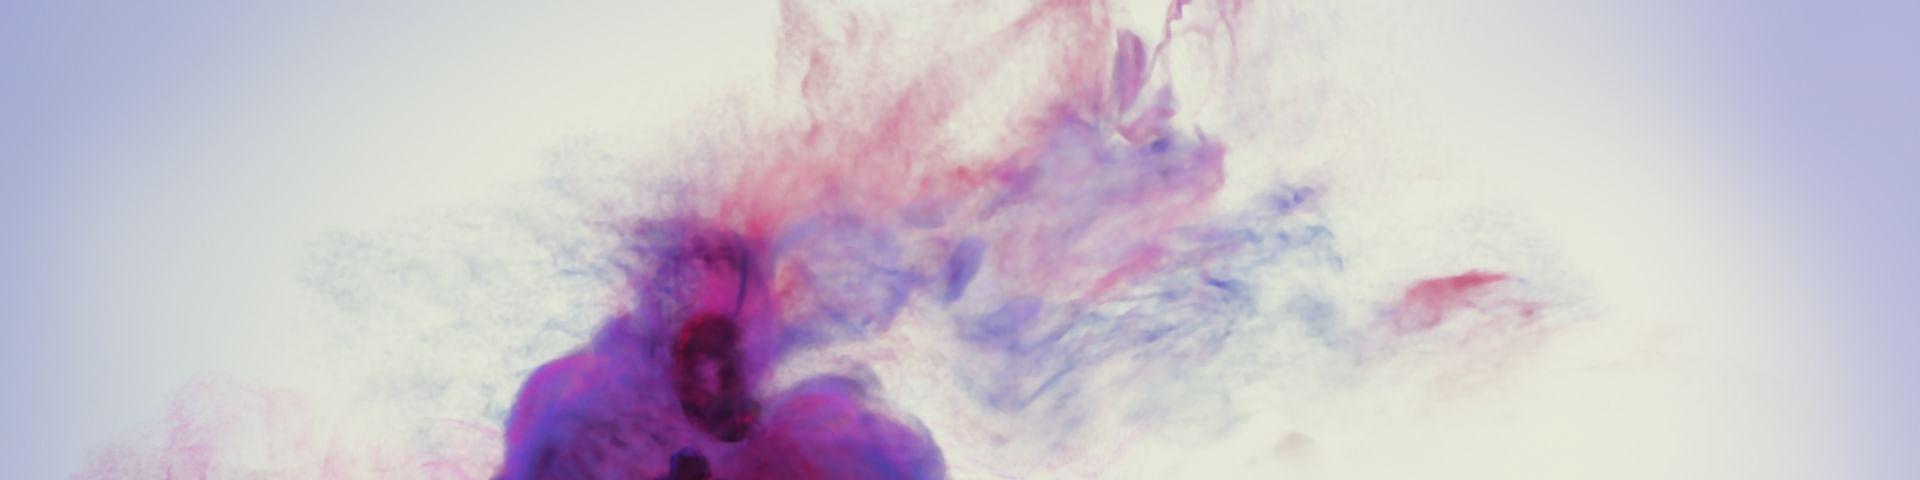 Dance! The Nelken-Line Piny Bausch